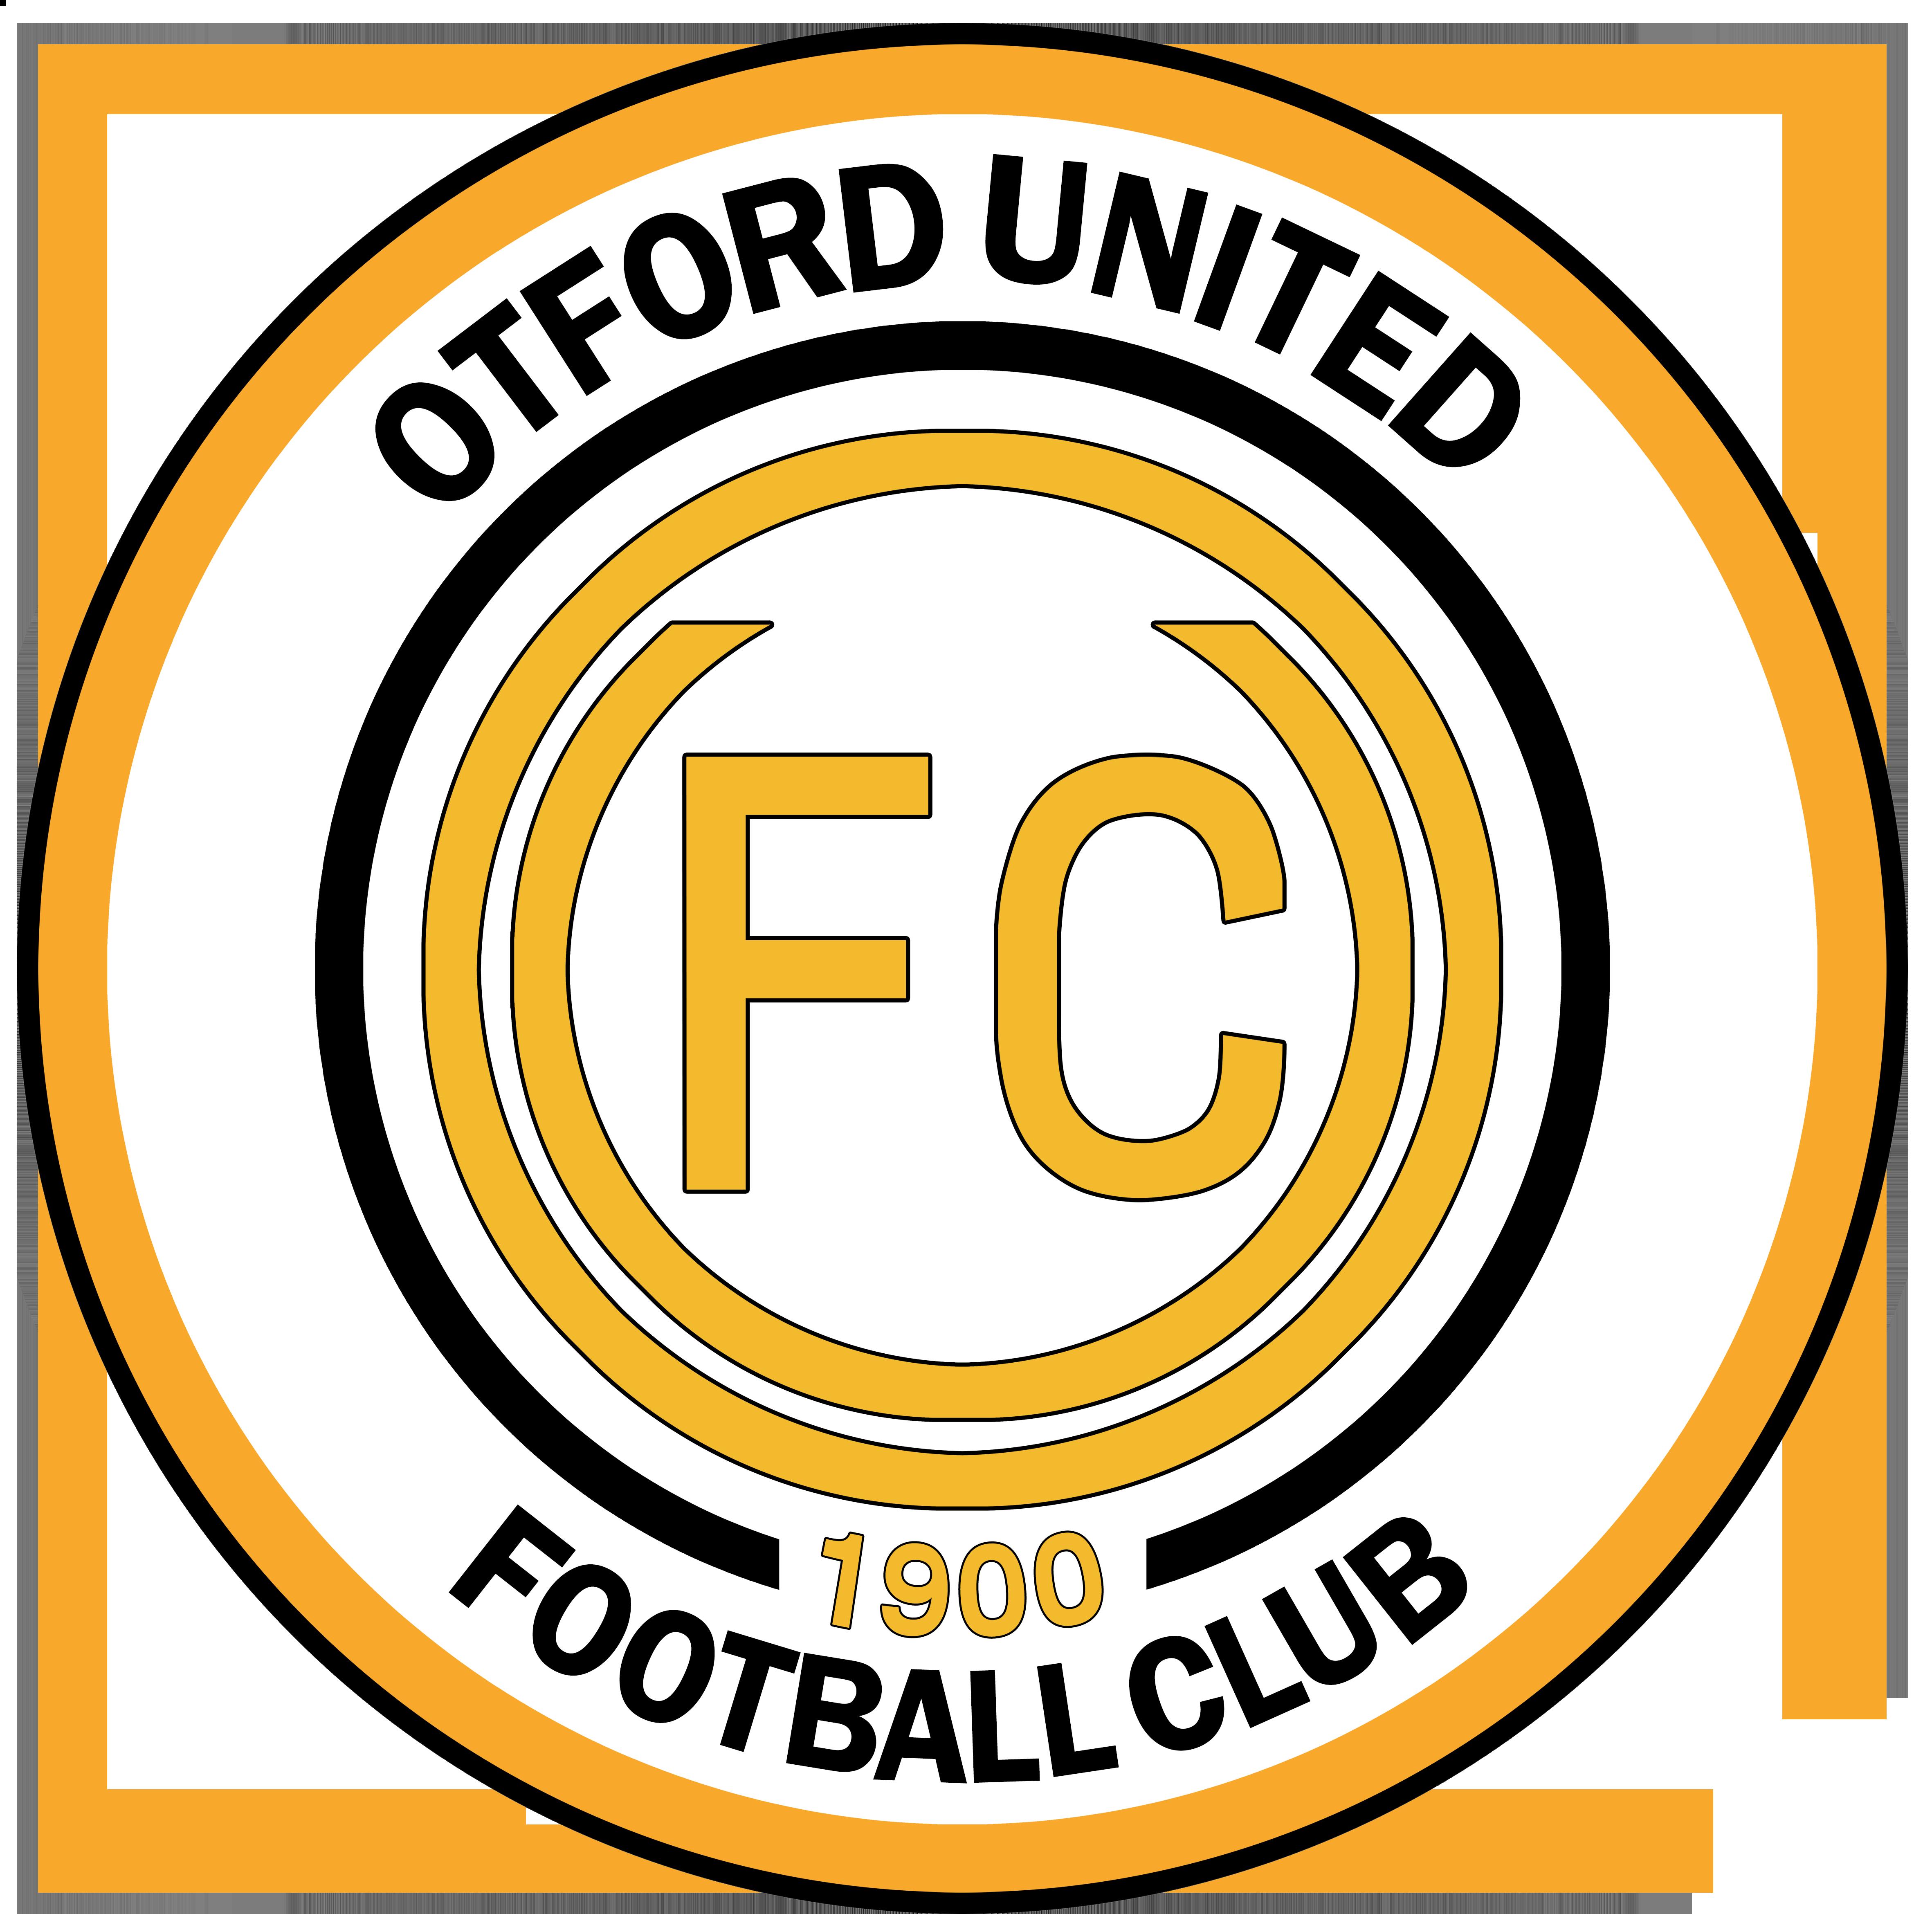 Otford Utd FC